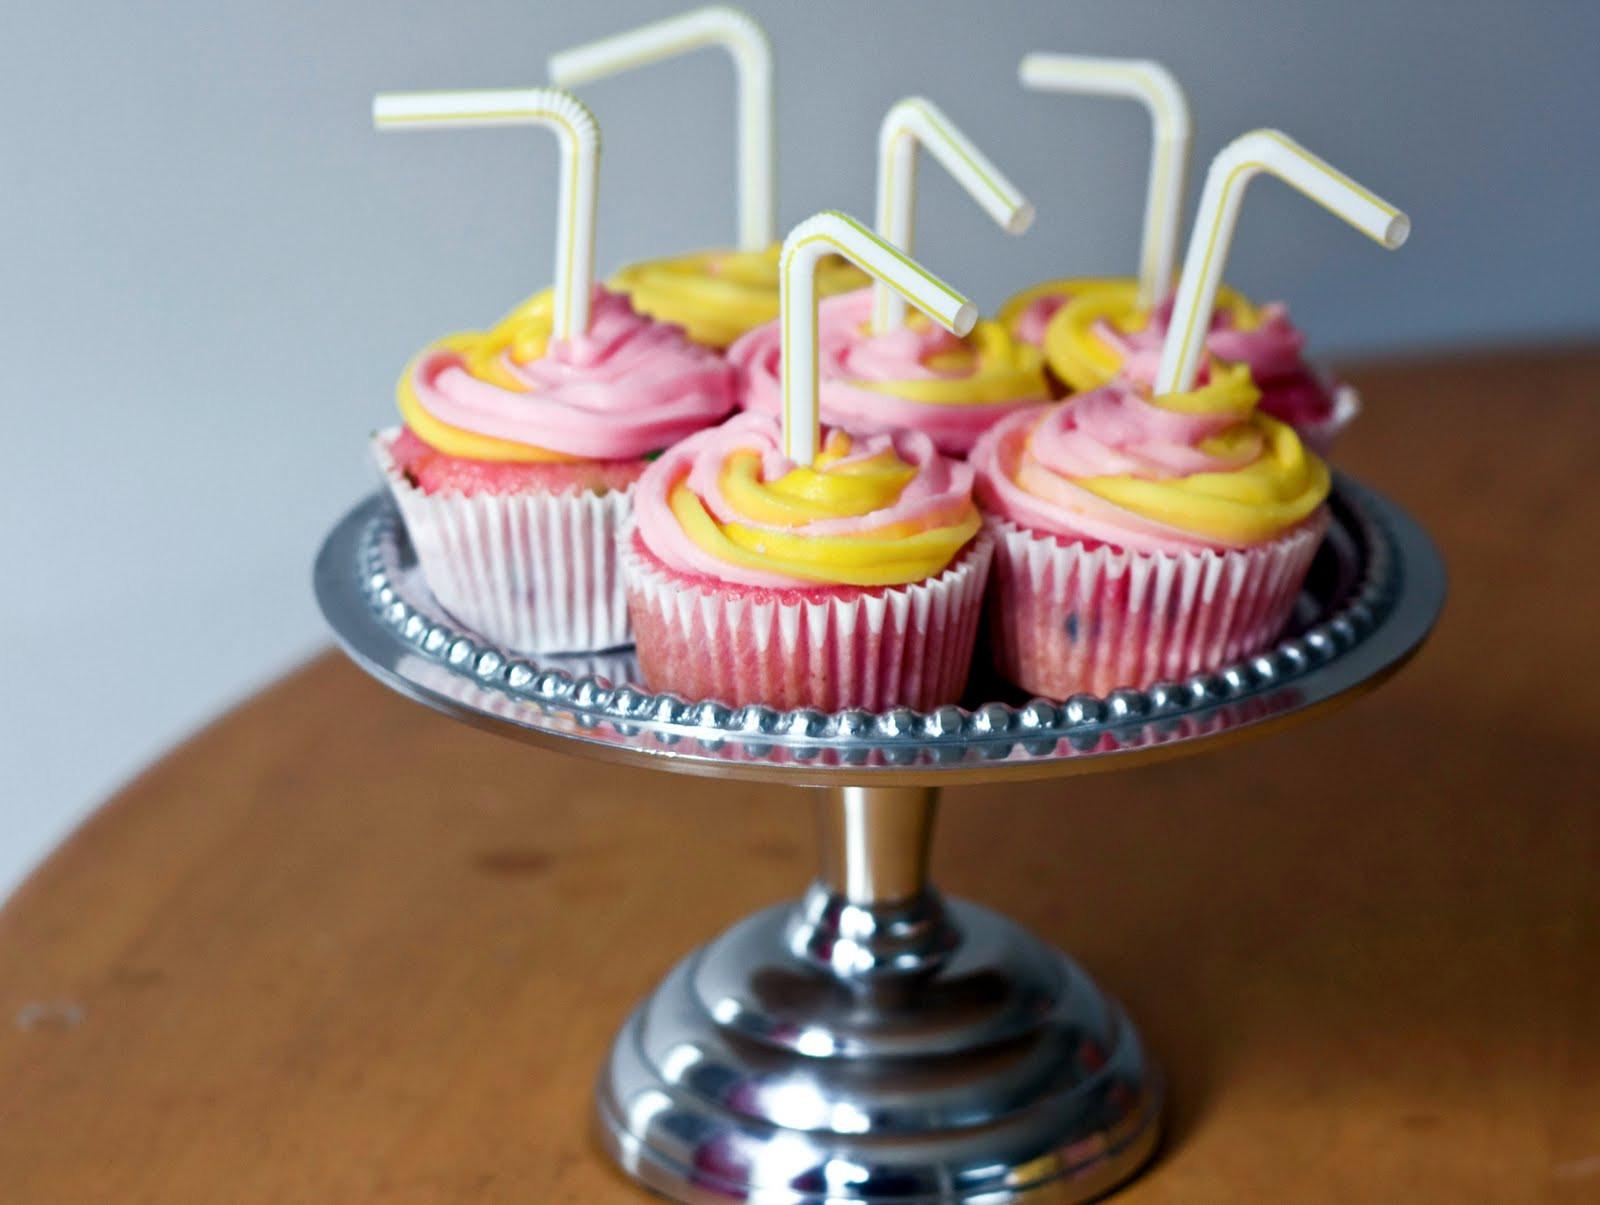 Pink Lemonade Cupcakes  Erica s Sweet Tooth Pink Lemonade Cupcakes